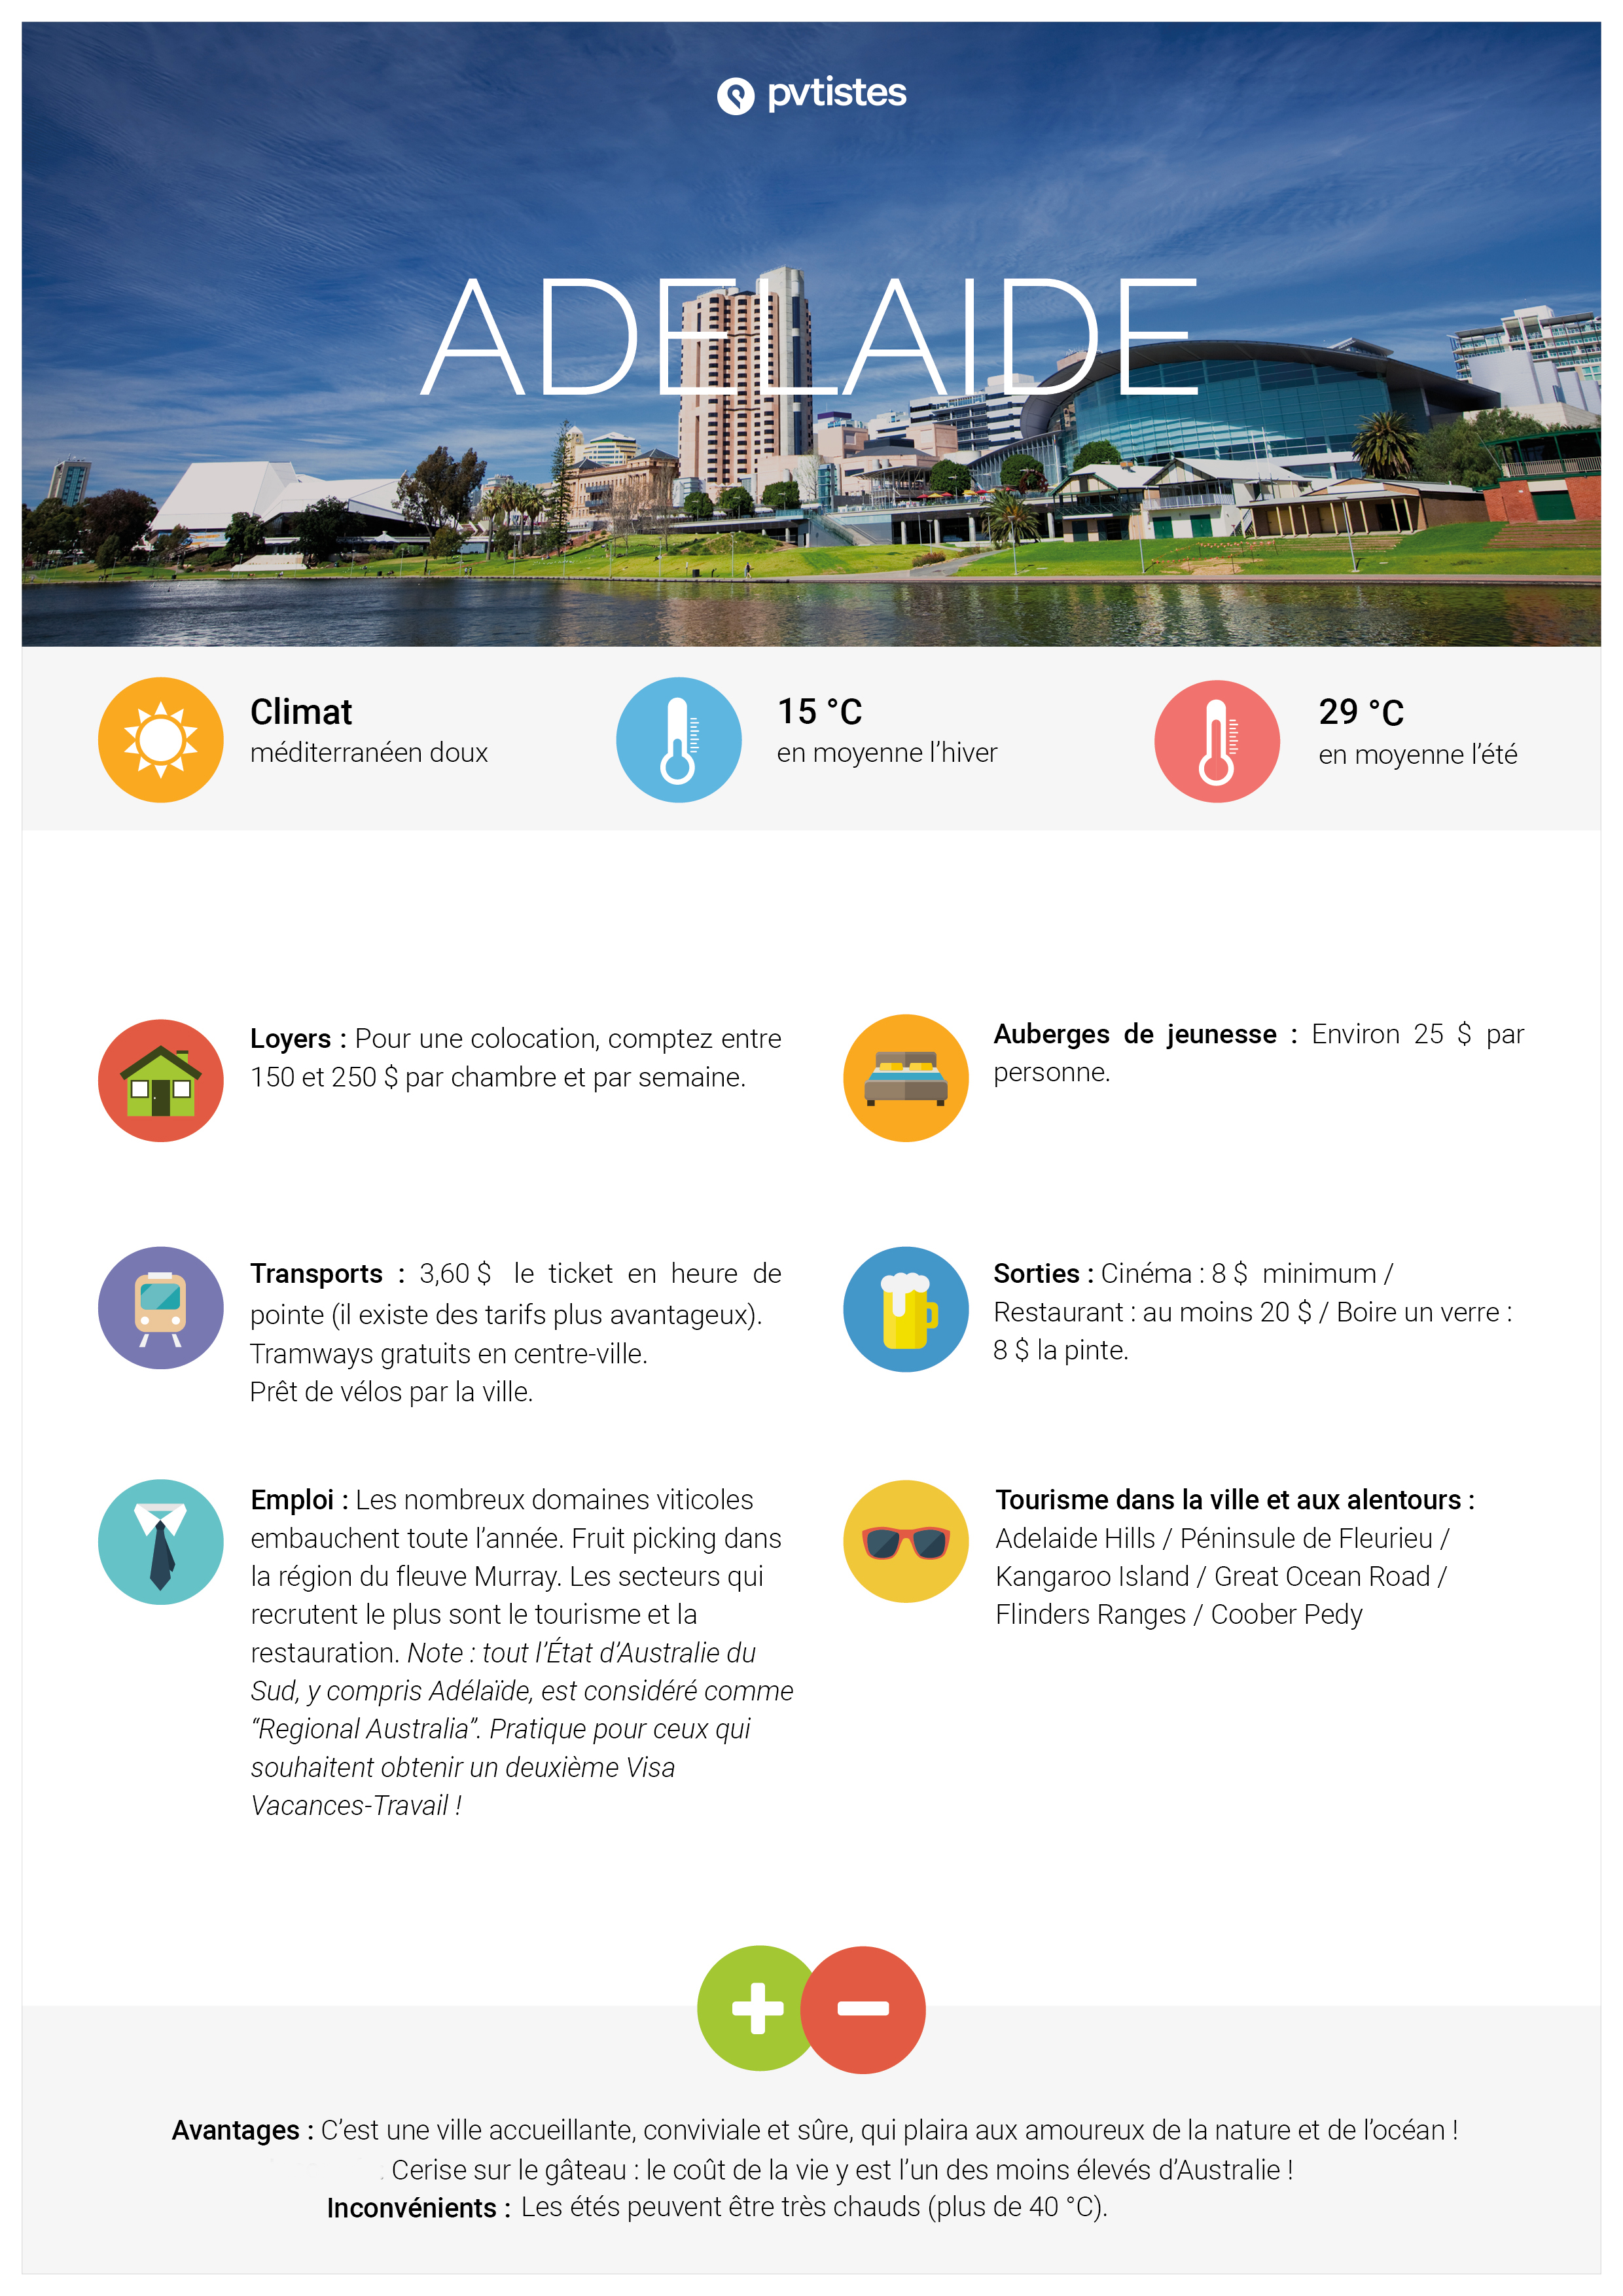 fiches-villes-OZ-adelaide-2019